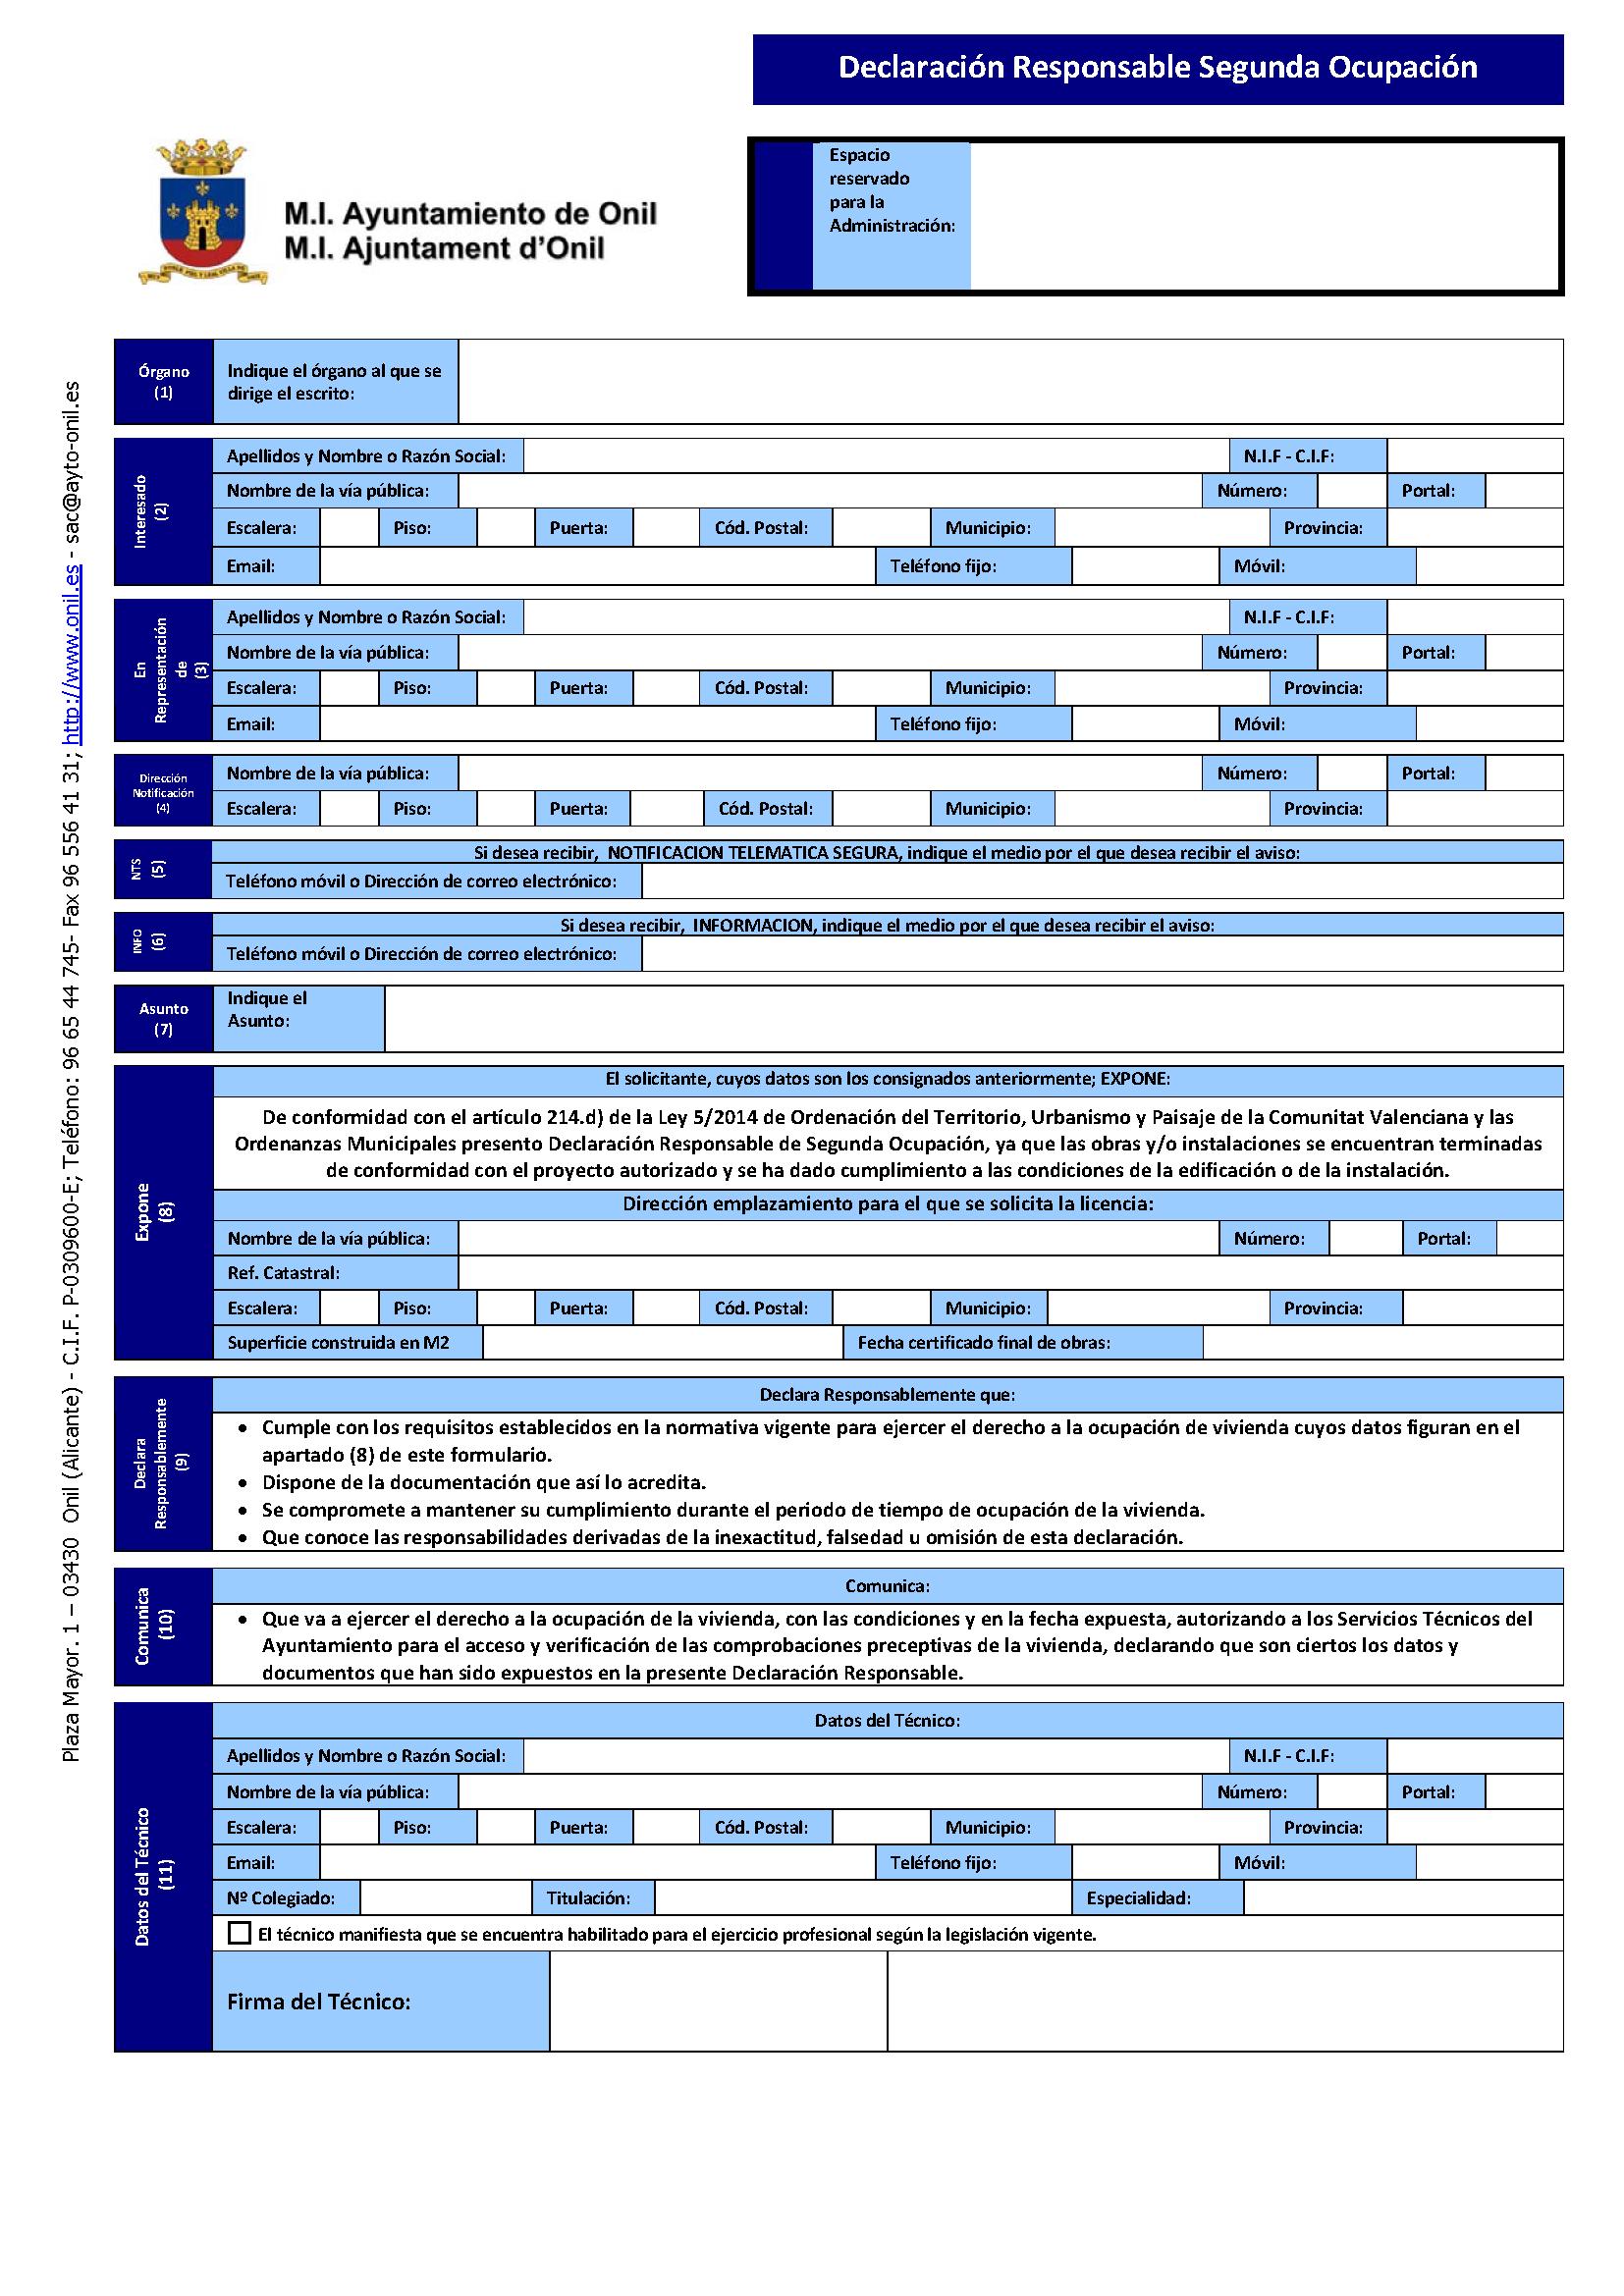 Impreso Declaración Responsable Segunda Ocupación Onil